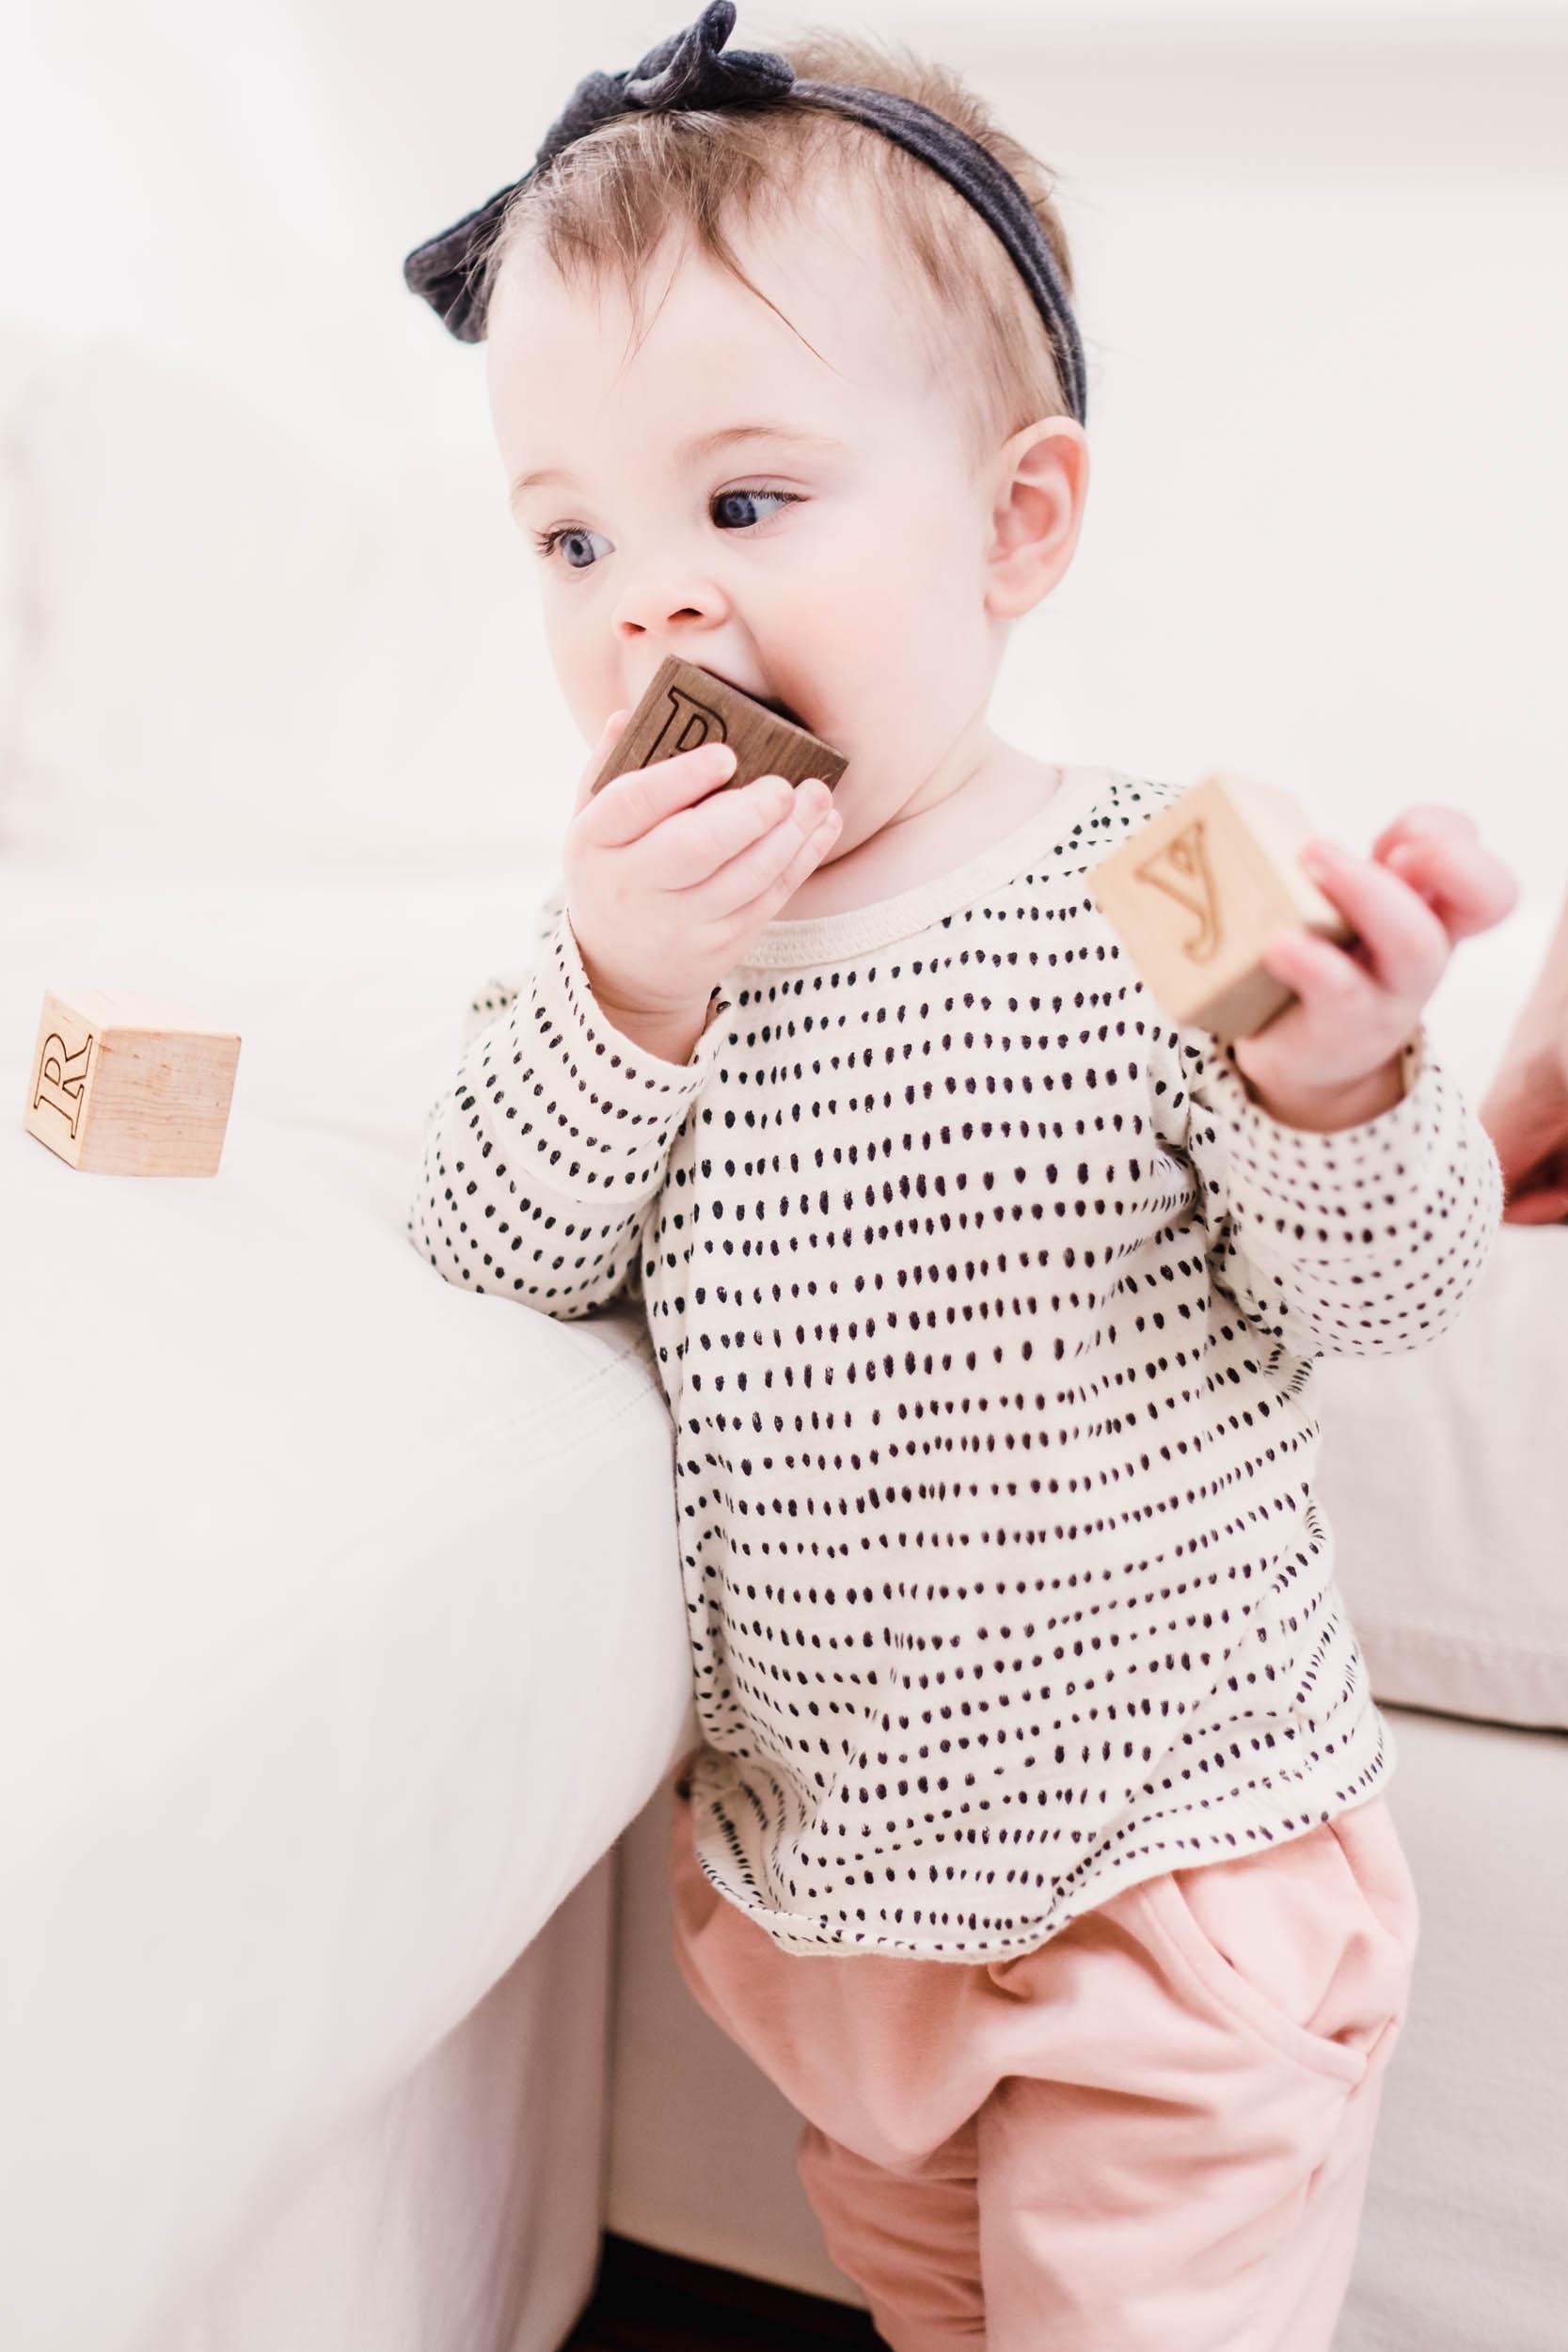 Kristen-Humbert-Family-Photoshoot-Philadelphia_Ruby-James-W-7149.jpg